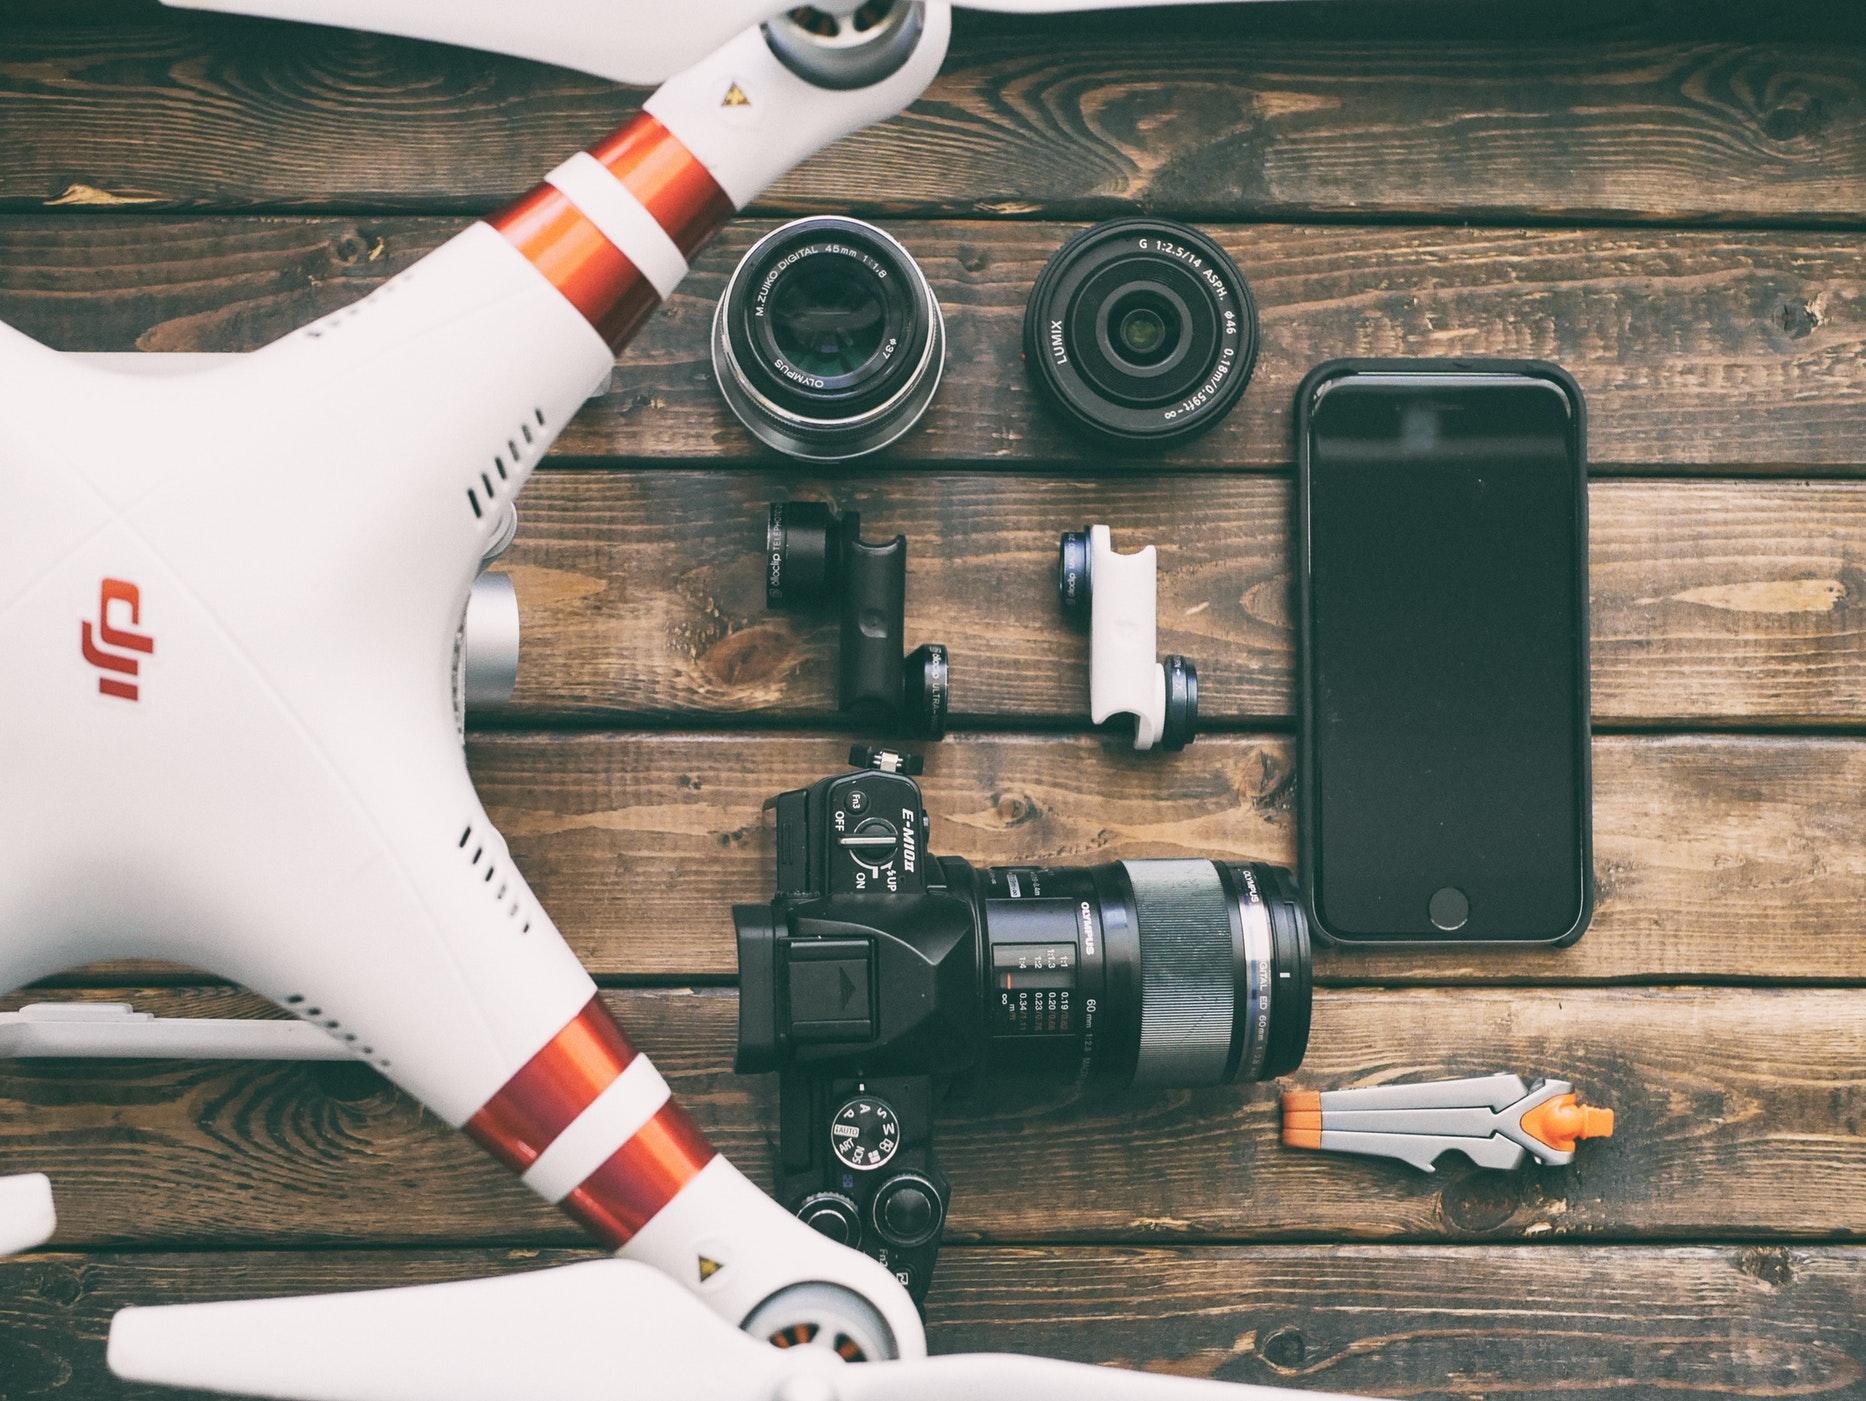 Drone-camera-table